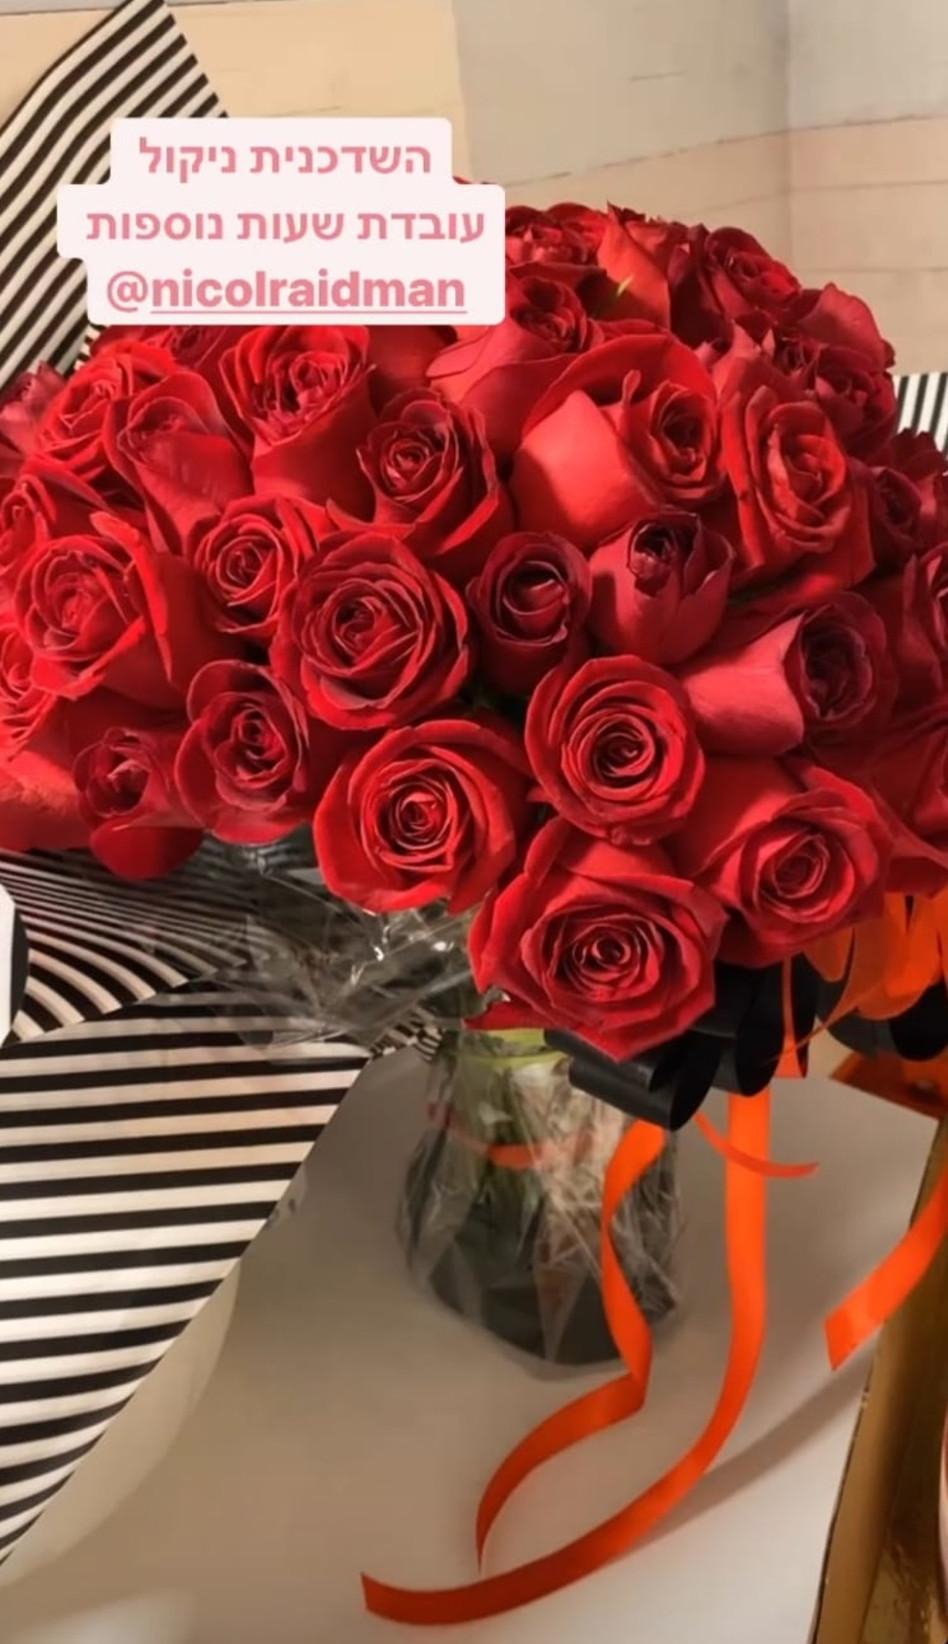 הפרחים שקיבלה אורטל עמר (צילום: צילום מסך אינסטגרם)